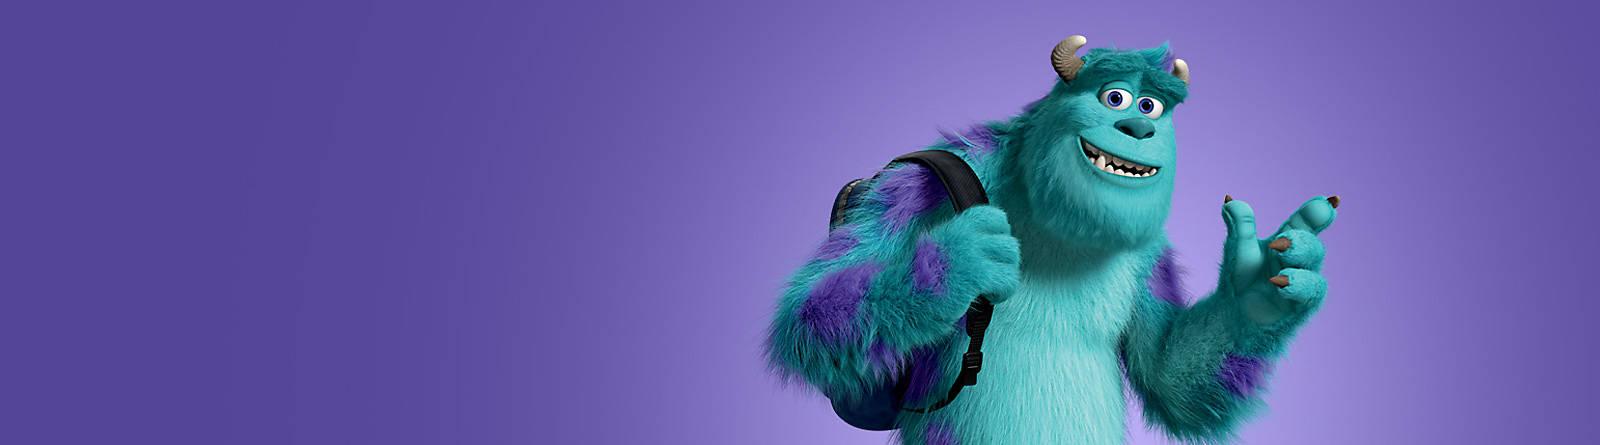 Sulli Sulli est le meilleur employé de l'usine à cris d'enfants, le plus terrifiant. Pourtant ce monstre poilu ressemble à une peluche !